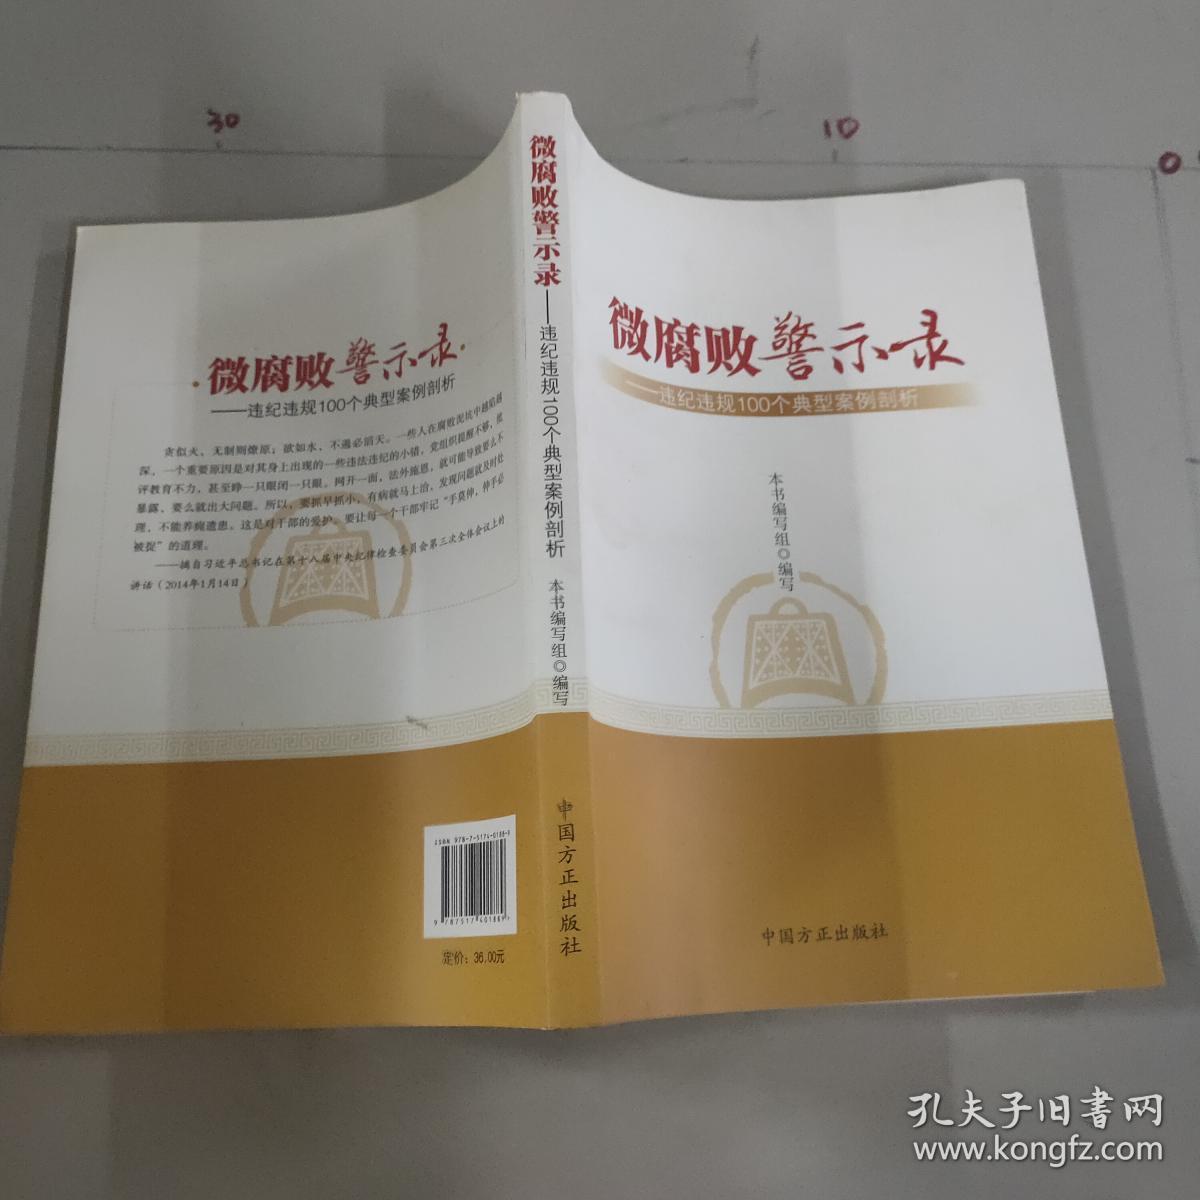 微腐败警示录(第2版)